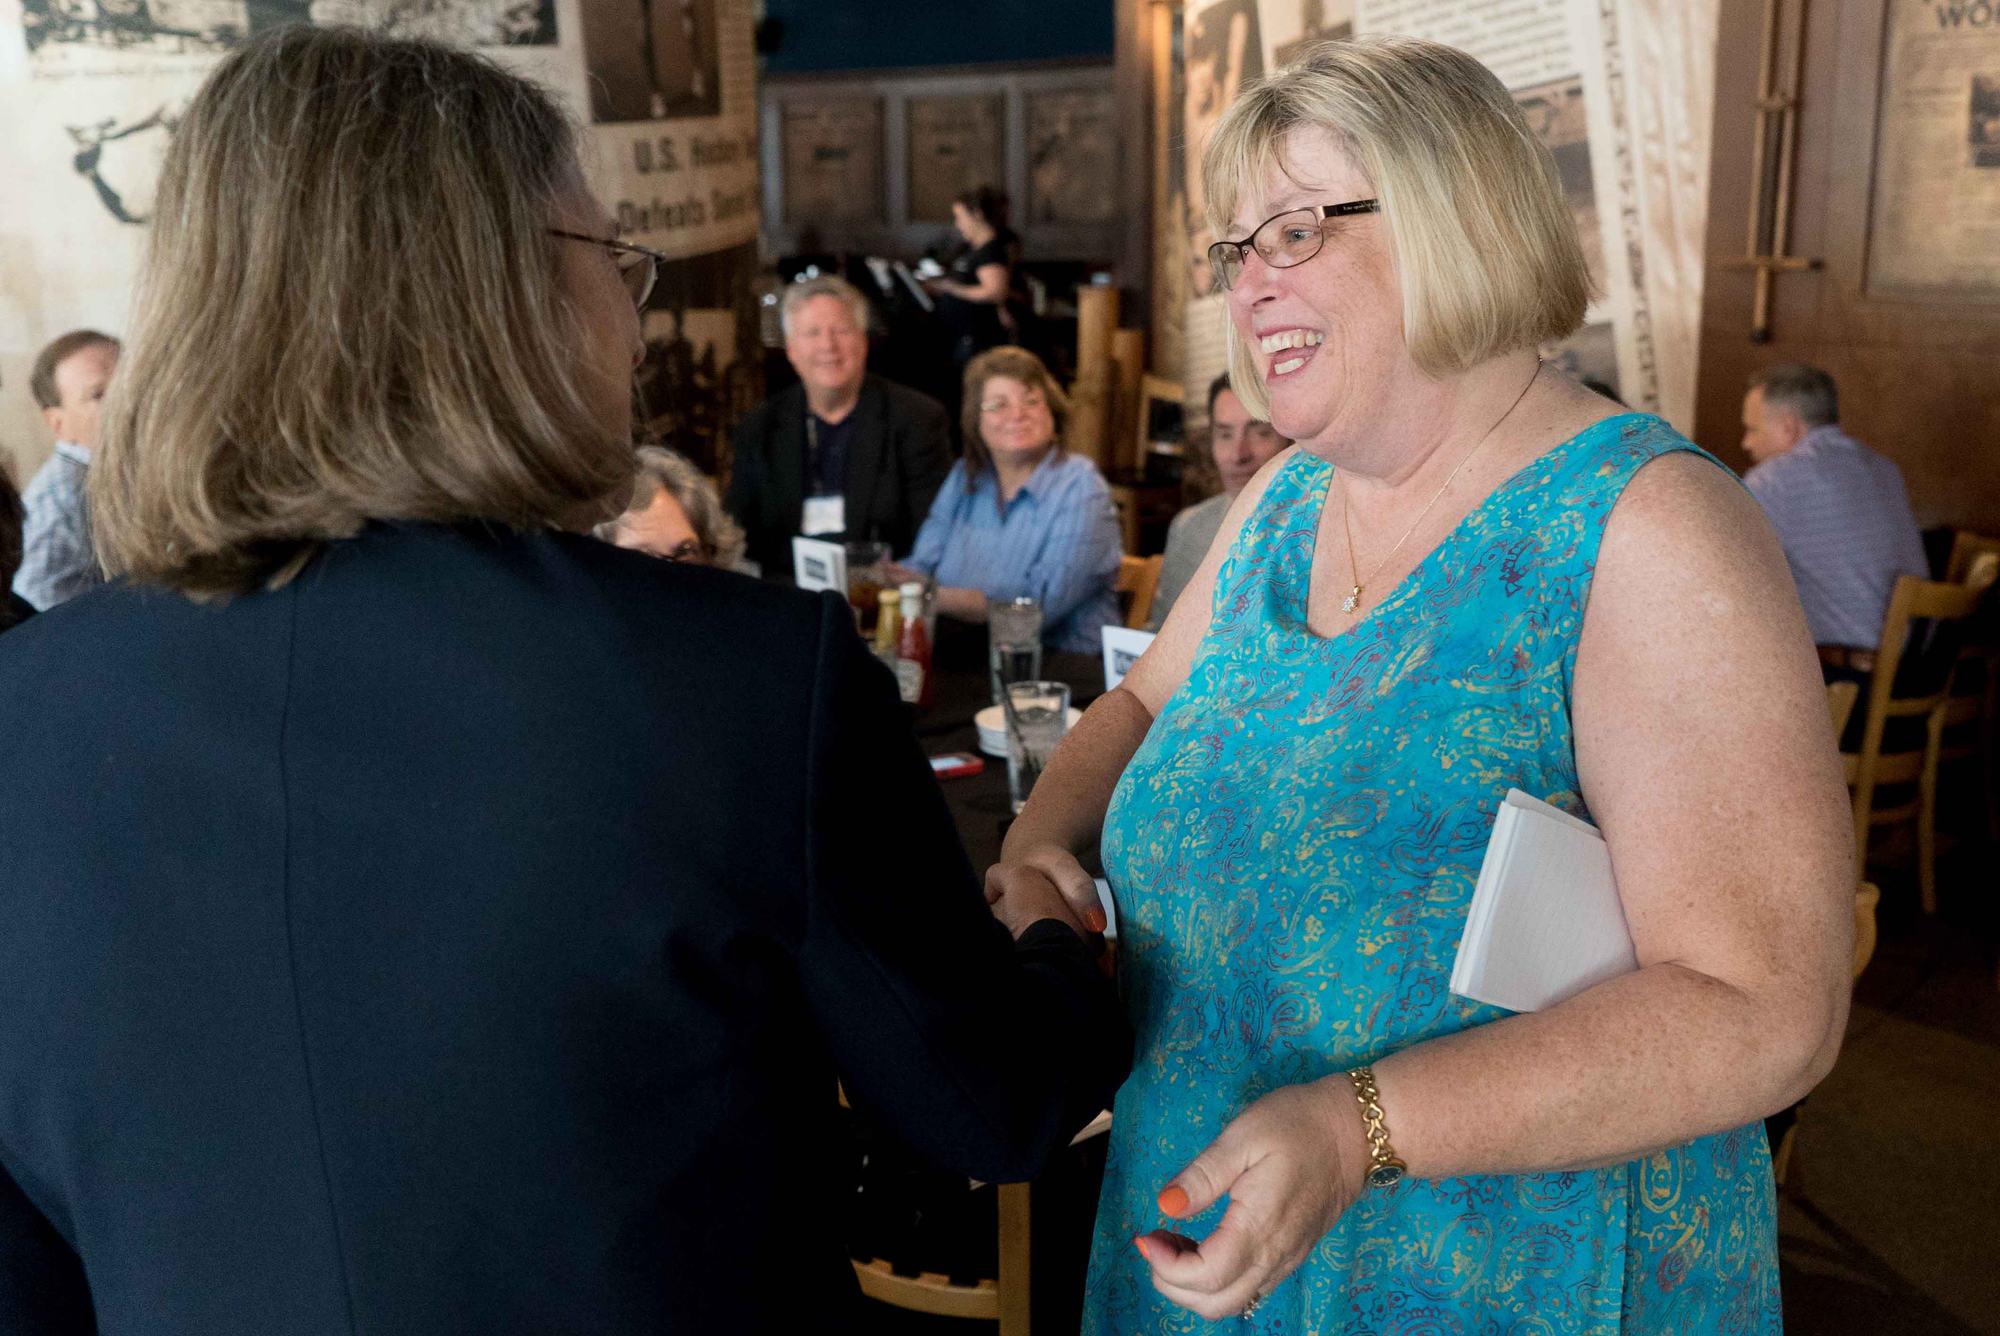 Cindy Simoneau named SPIG Teacher of the Year